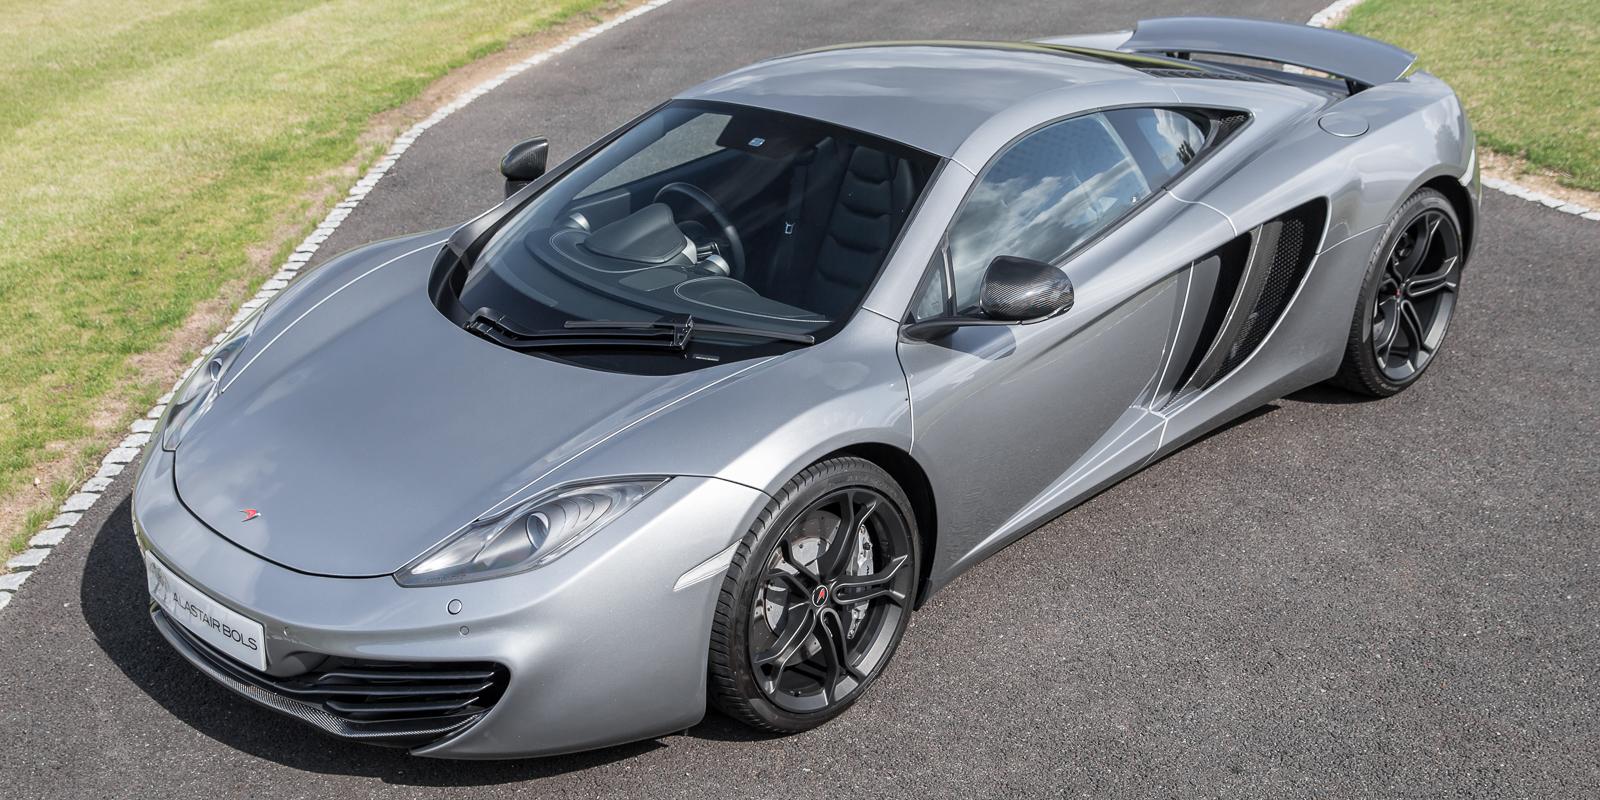 McLaren 12C Coupe – Titanium